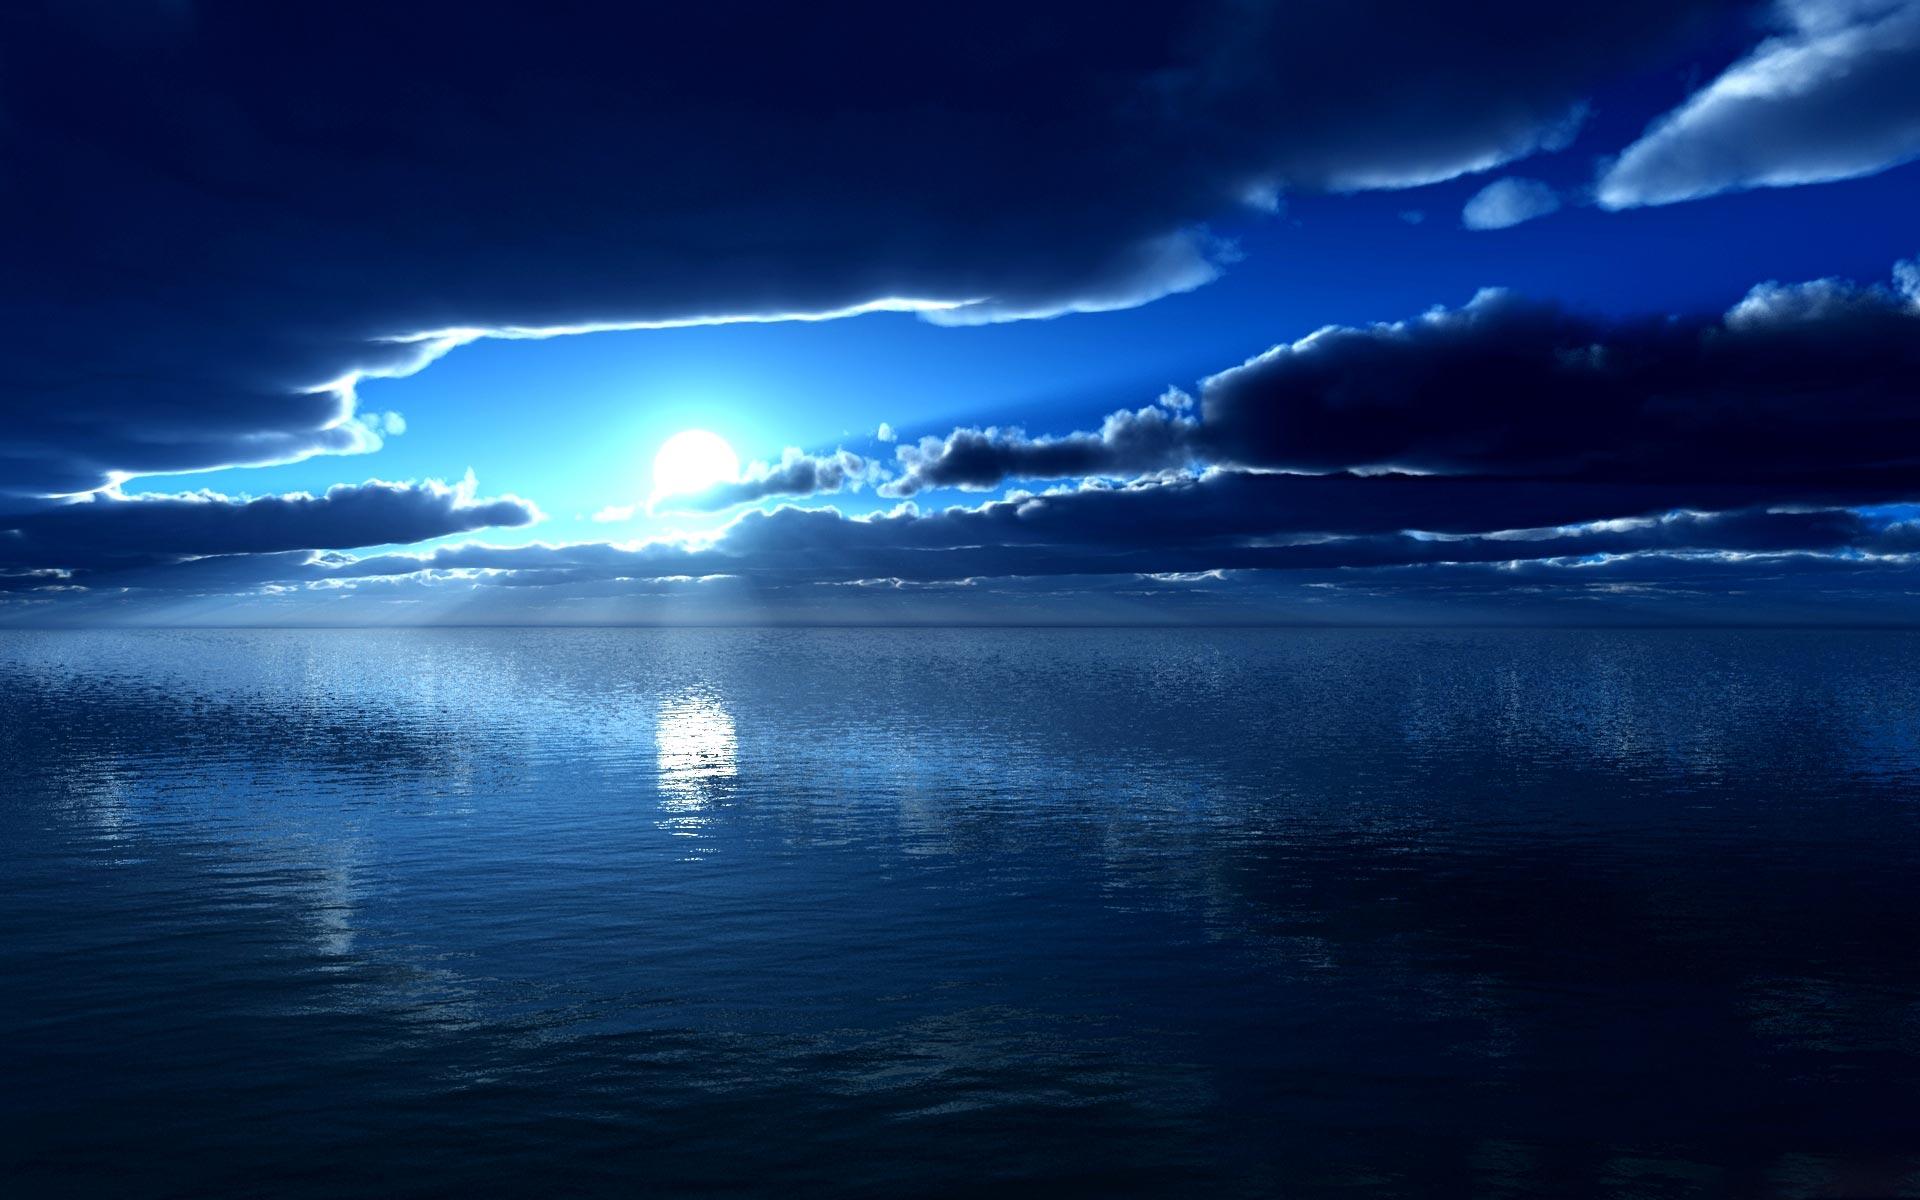 sky wallpaper desktop - wallpapersafari